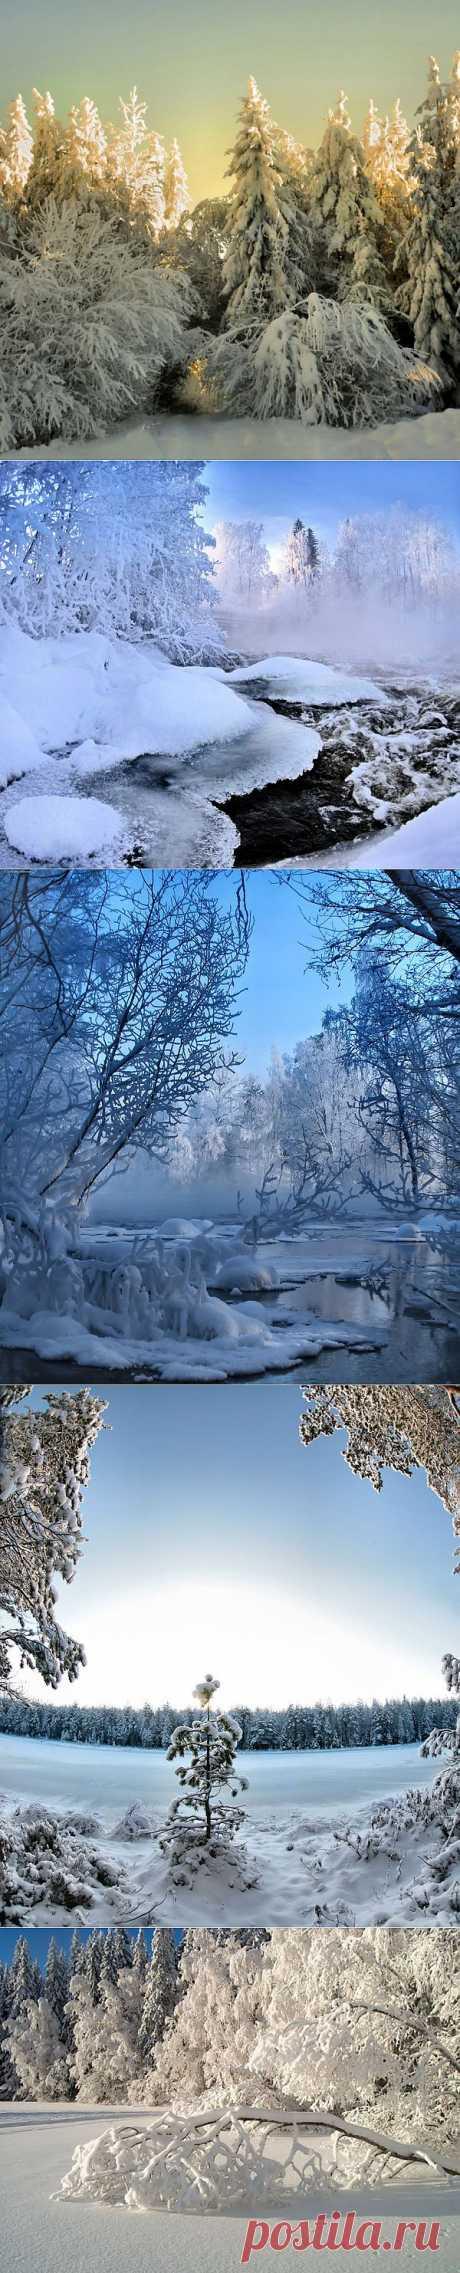 » Зимние пейзажи Это интересно!